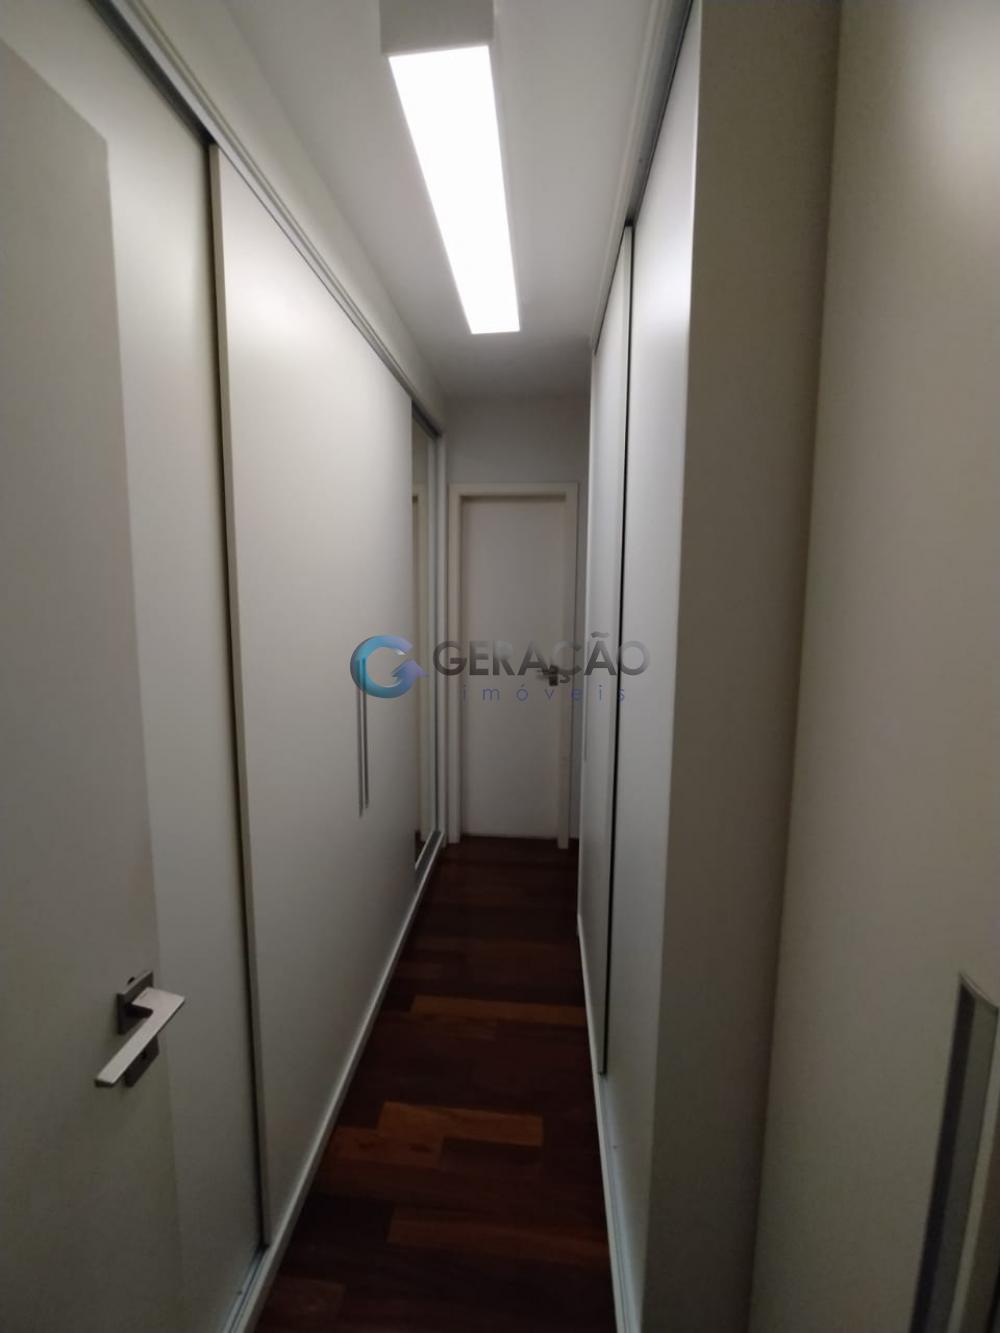 Alugar Apartamento / Padrão em São José dos Campos R$ 7.600,00 - Foto 14